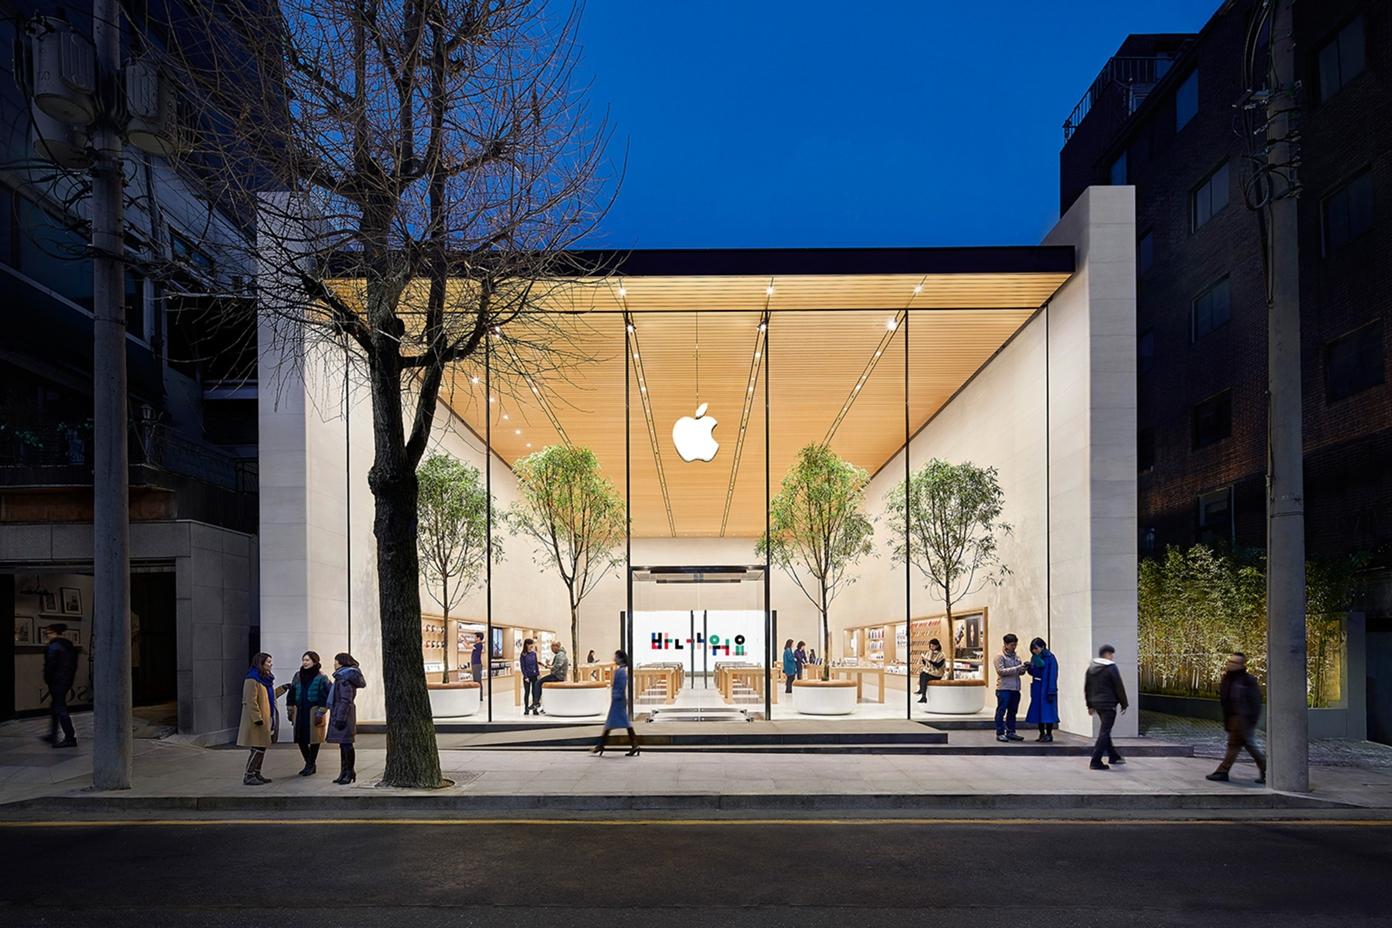 Apple福岡天神、韓国のカロスキルのようなデザインにリニューアルされる?